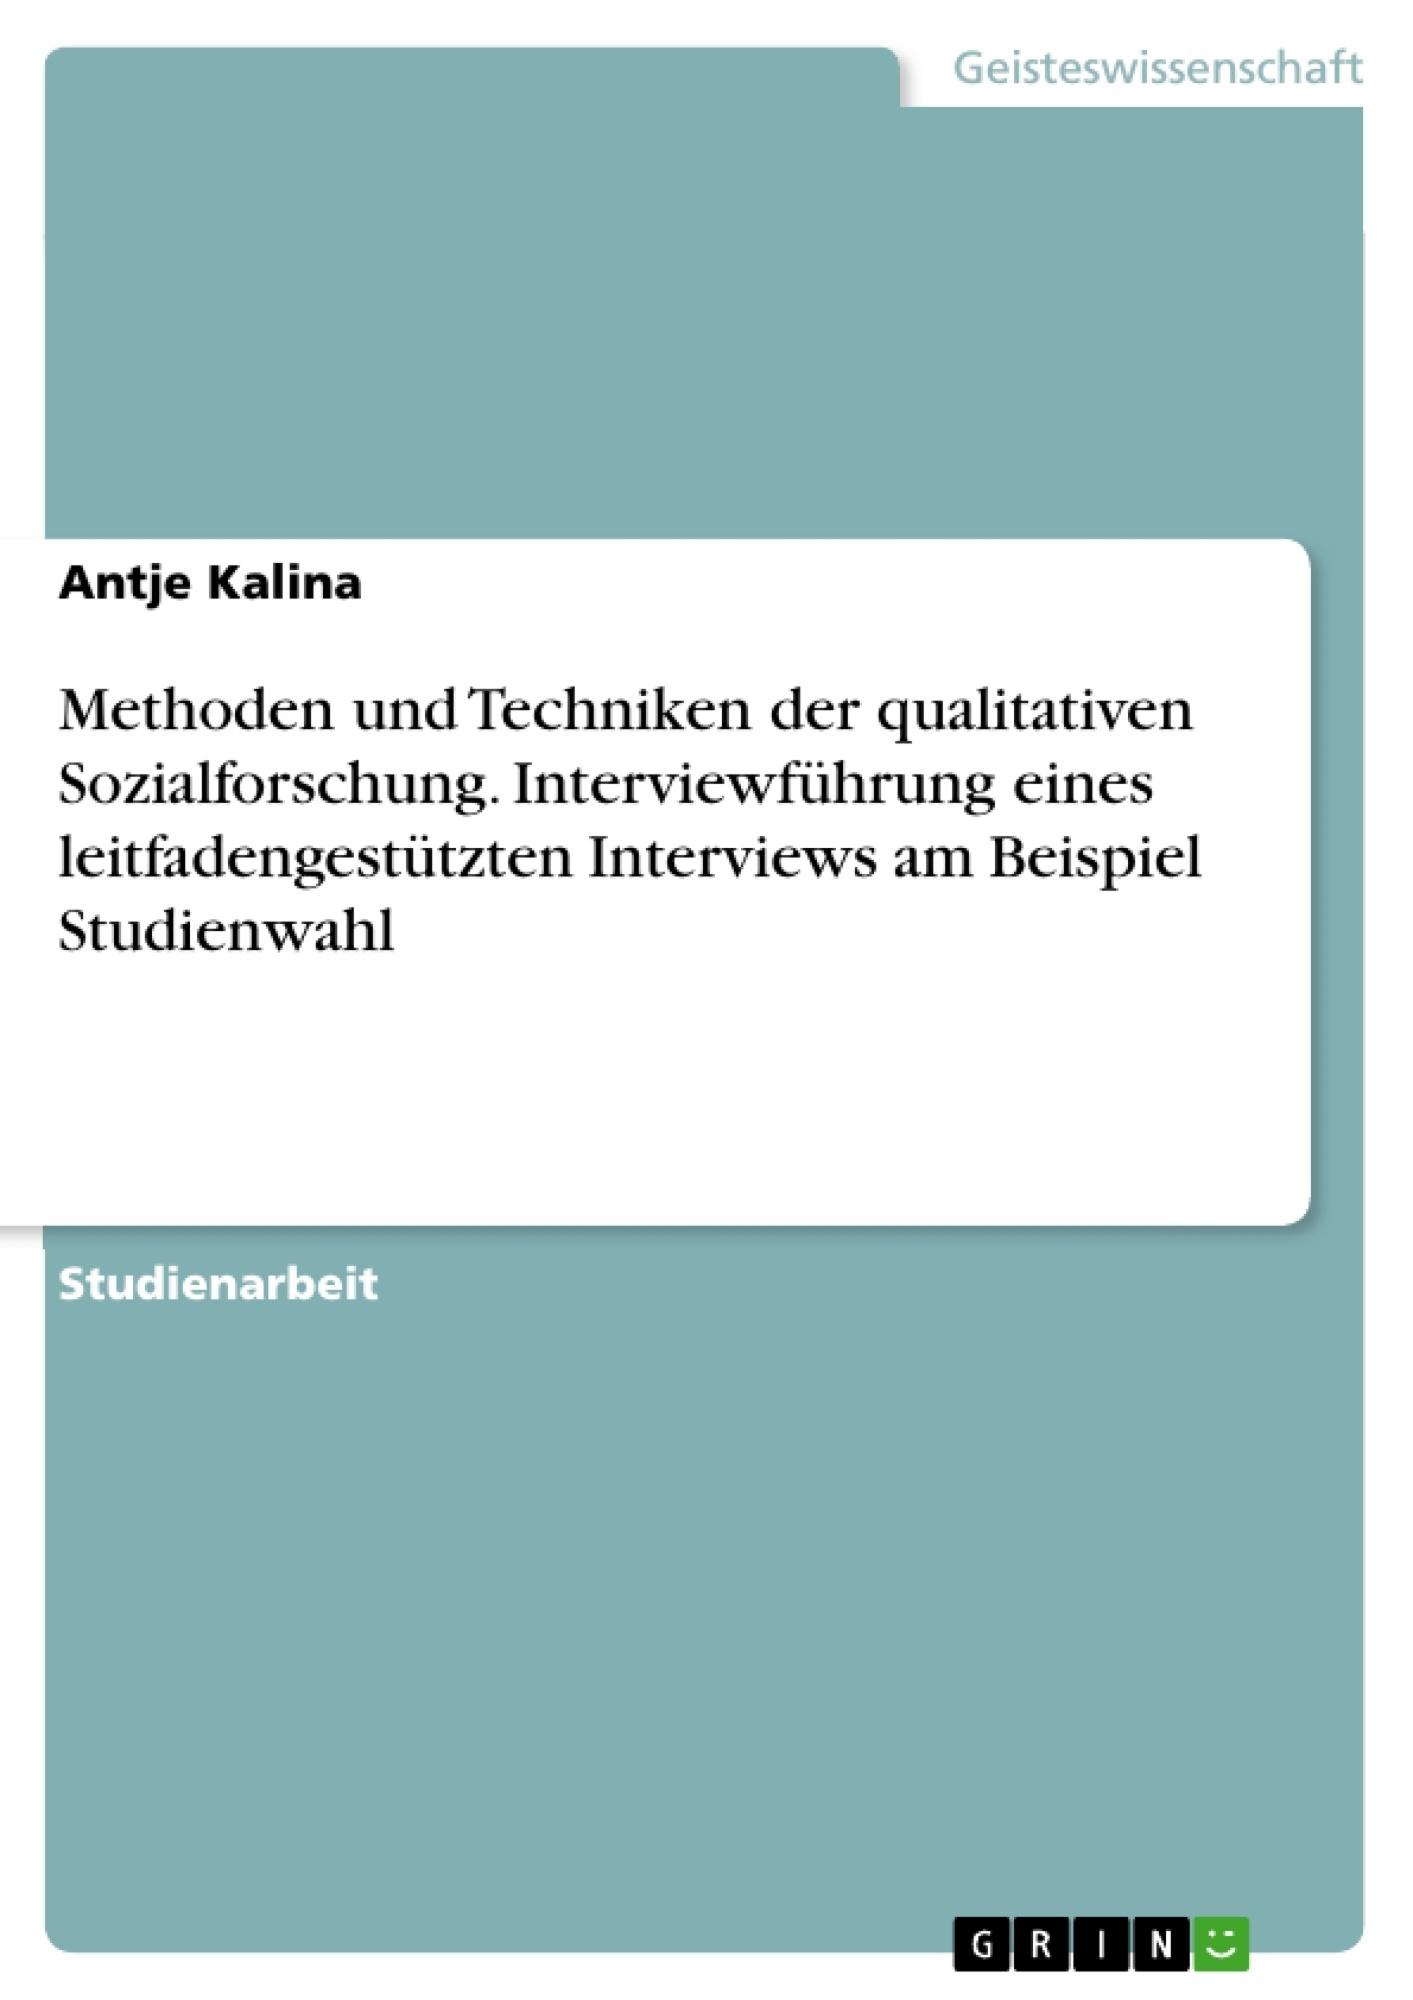 Titel: Methoden und Techniken der qualitativen Sozialforschung. Interviewführung eines leitfadengestützten Interviews am Beispiel Studienwahl